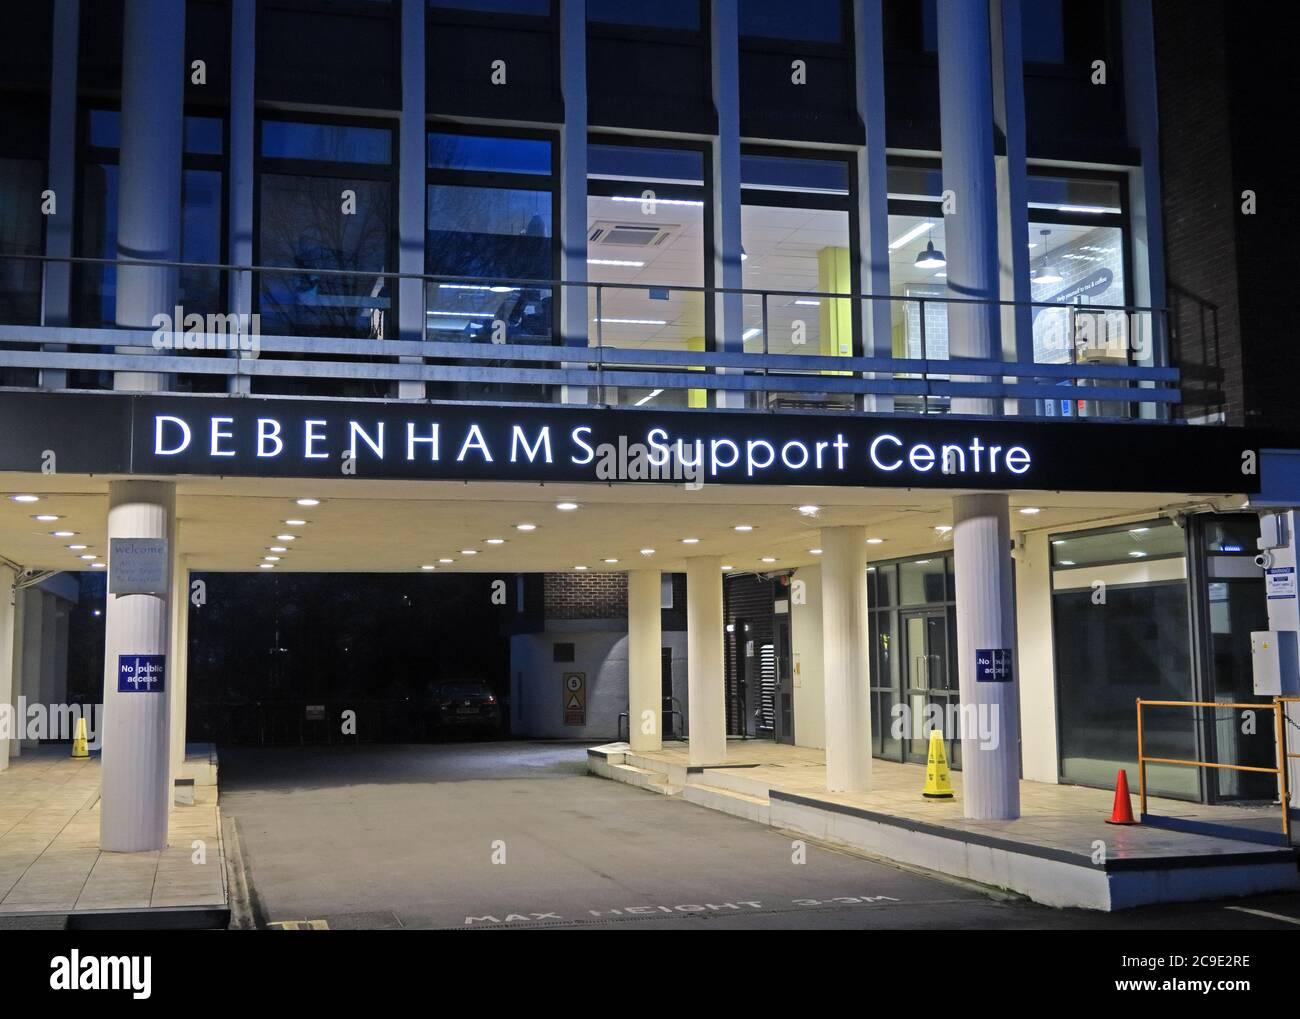 Dieses Stockfoto: Debenhams Support Center, Einkaufsstraße, Bedford House, Park St, Taunton TA1 4DB bei Einbruch der Dunkelheit - 2C9E2R